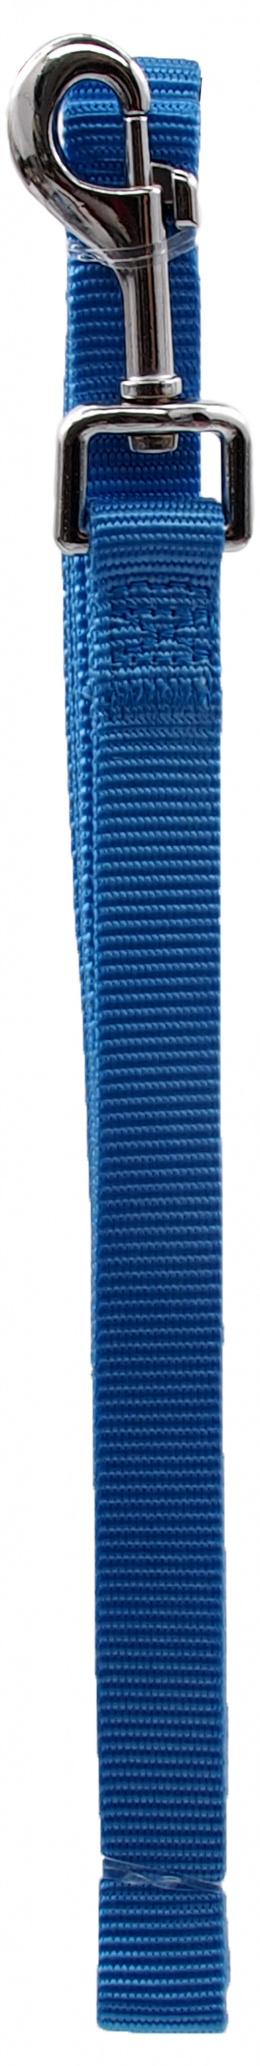 Pavada – Dog Fantasy M,120 cm, krāsa – zilā